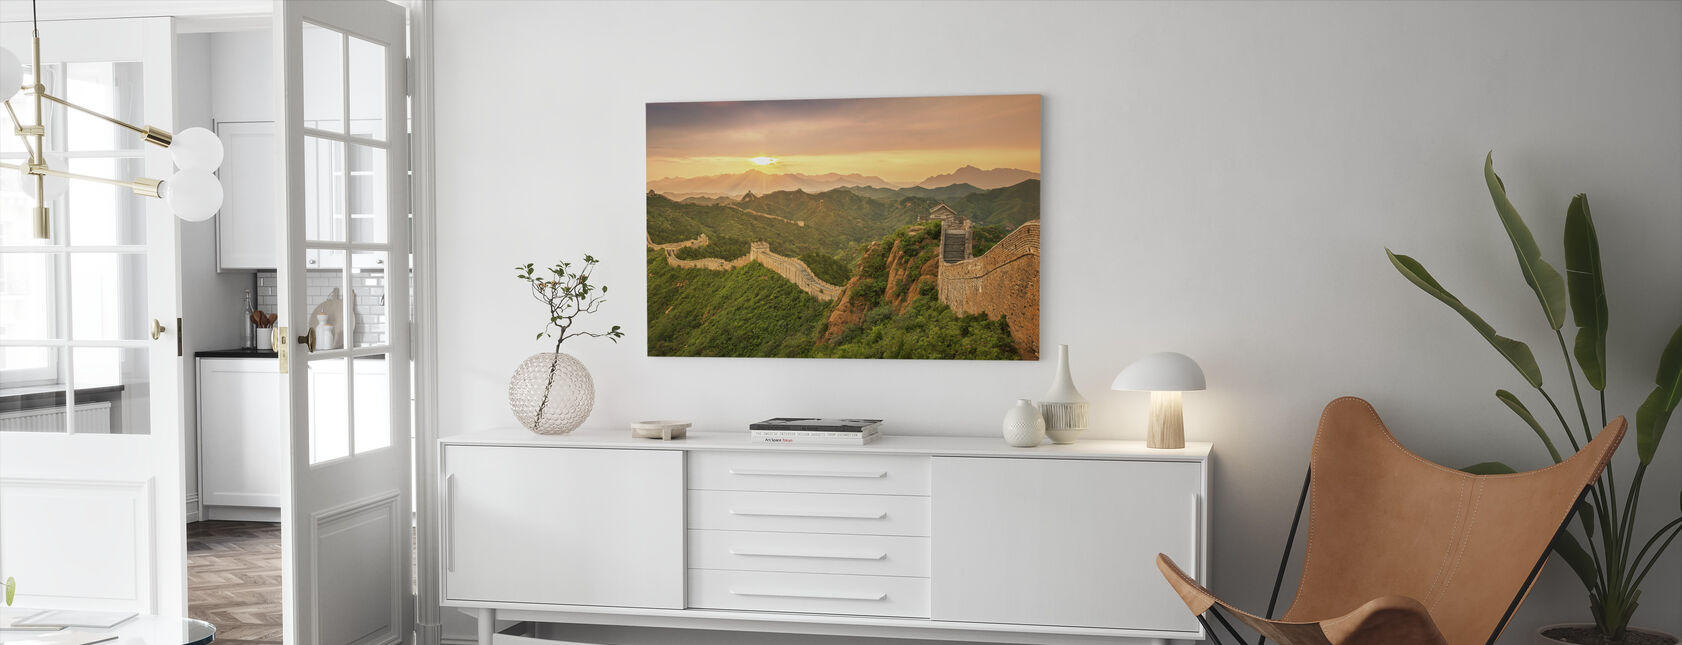 Kiinan muuri auringonnousussa - Canvastaulu - Olohuone